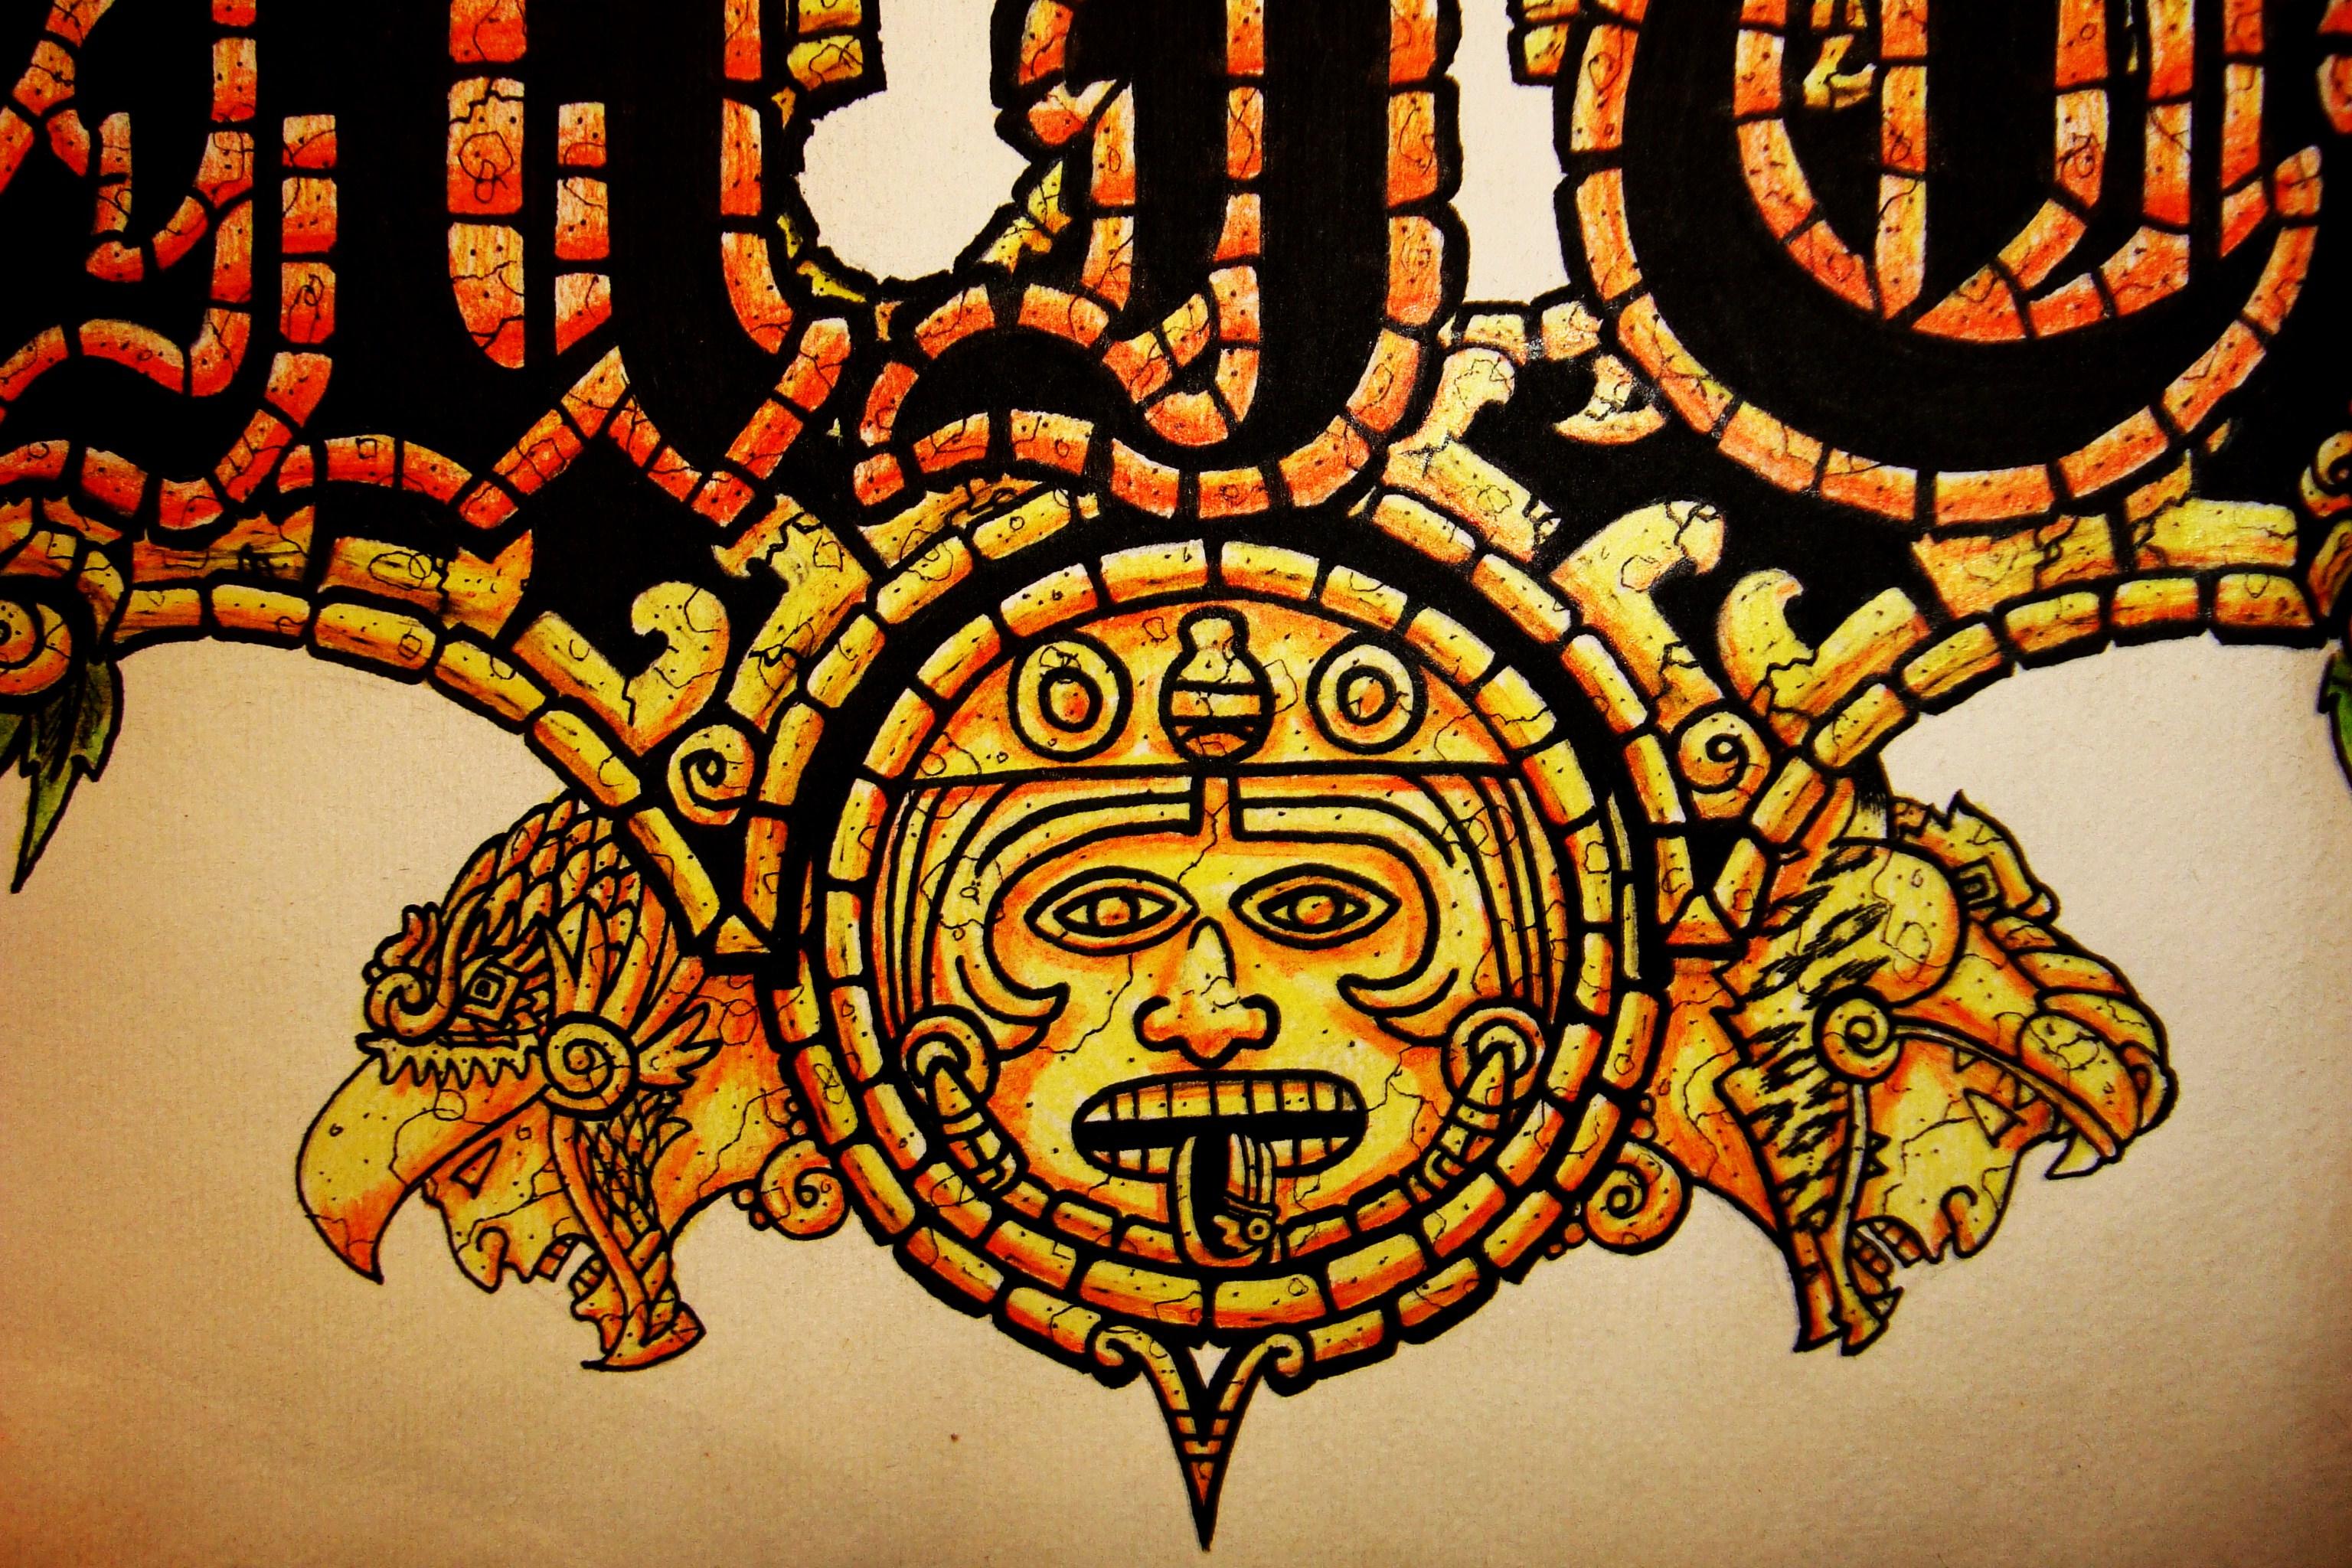 Anime Graffiti Wallpaper Aztec Warrior Background For Desktop Pixelstalk Net